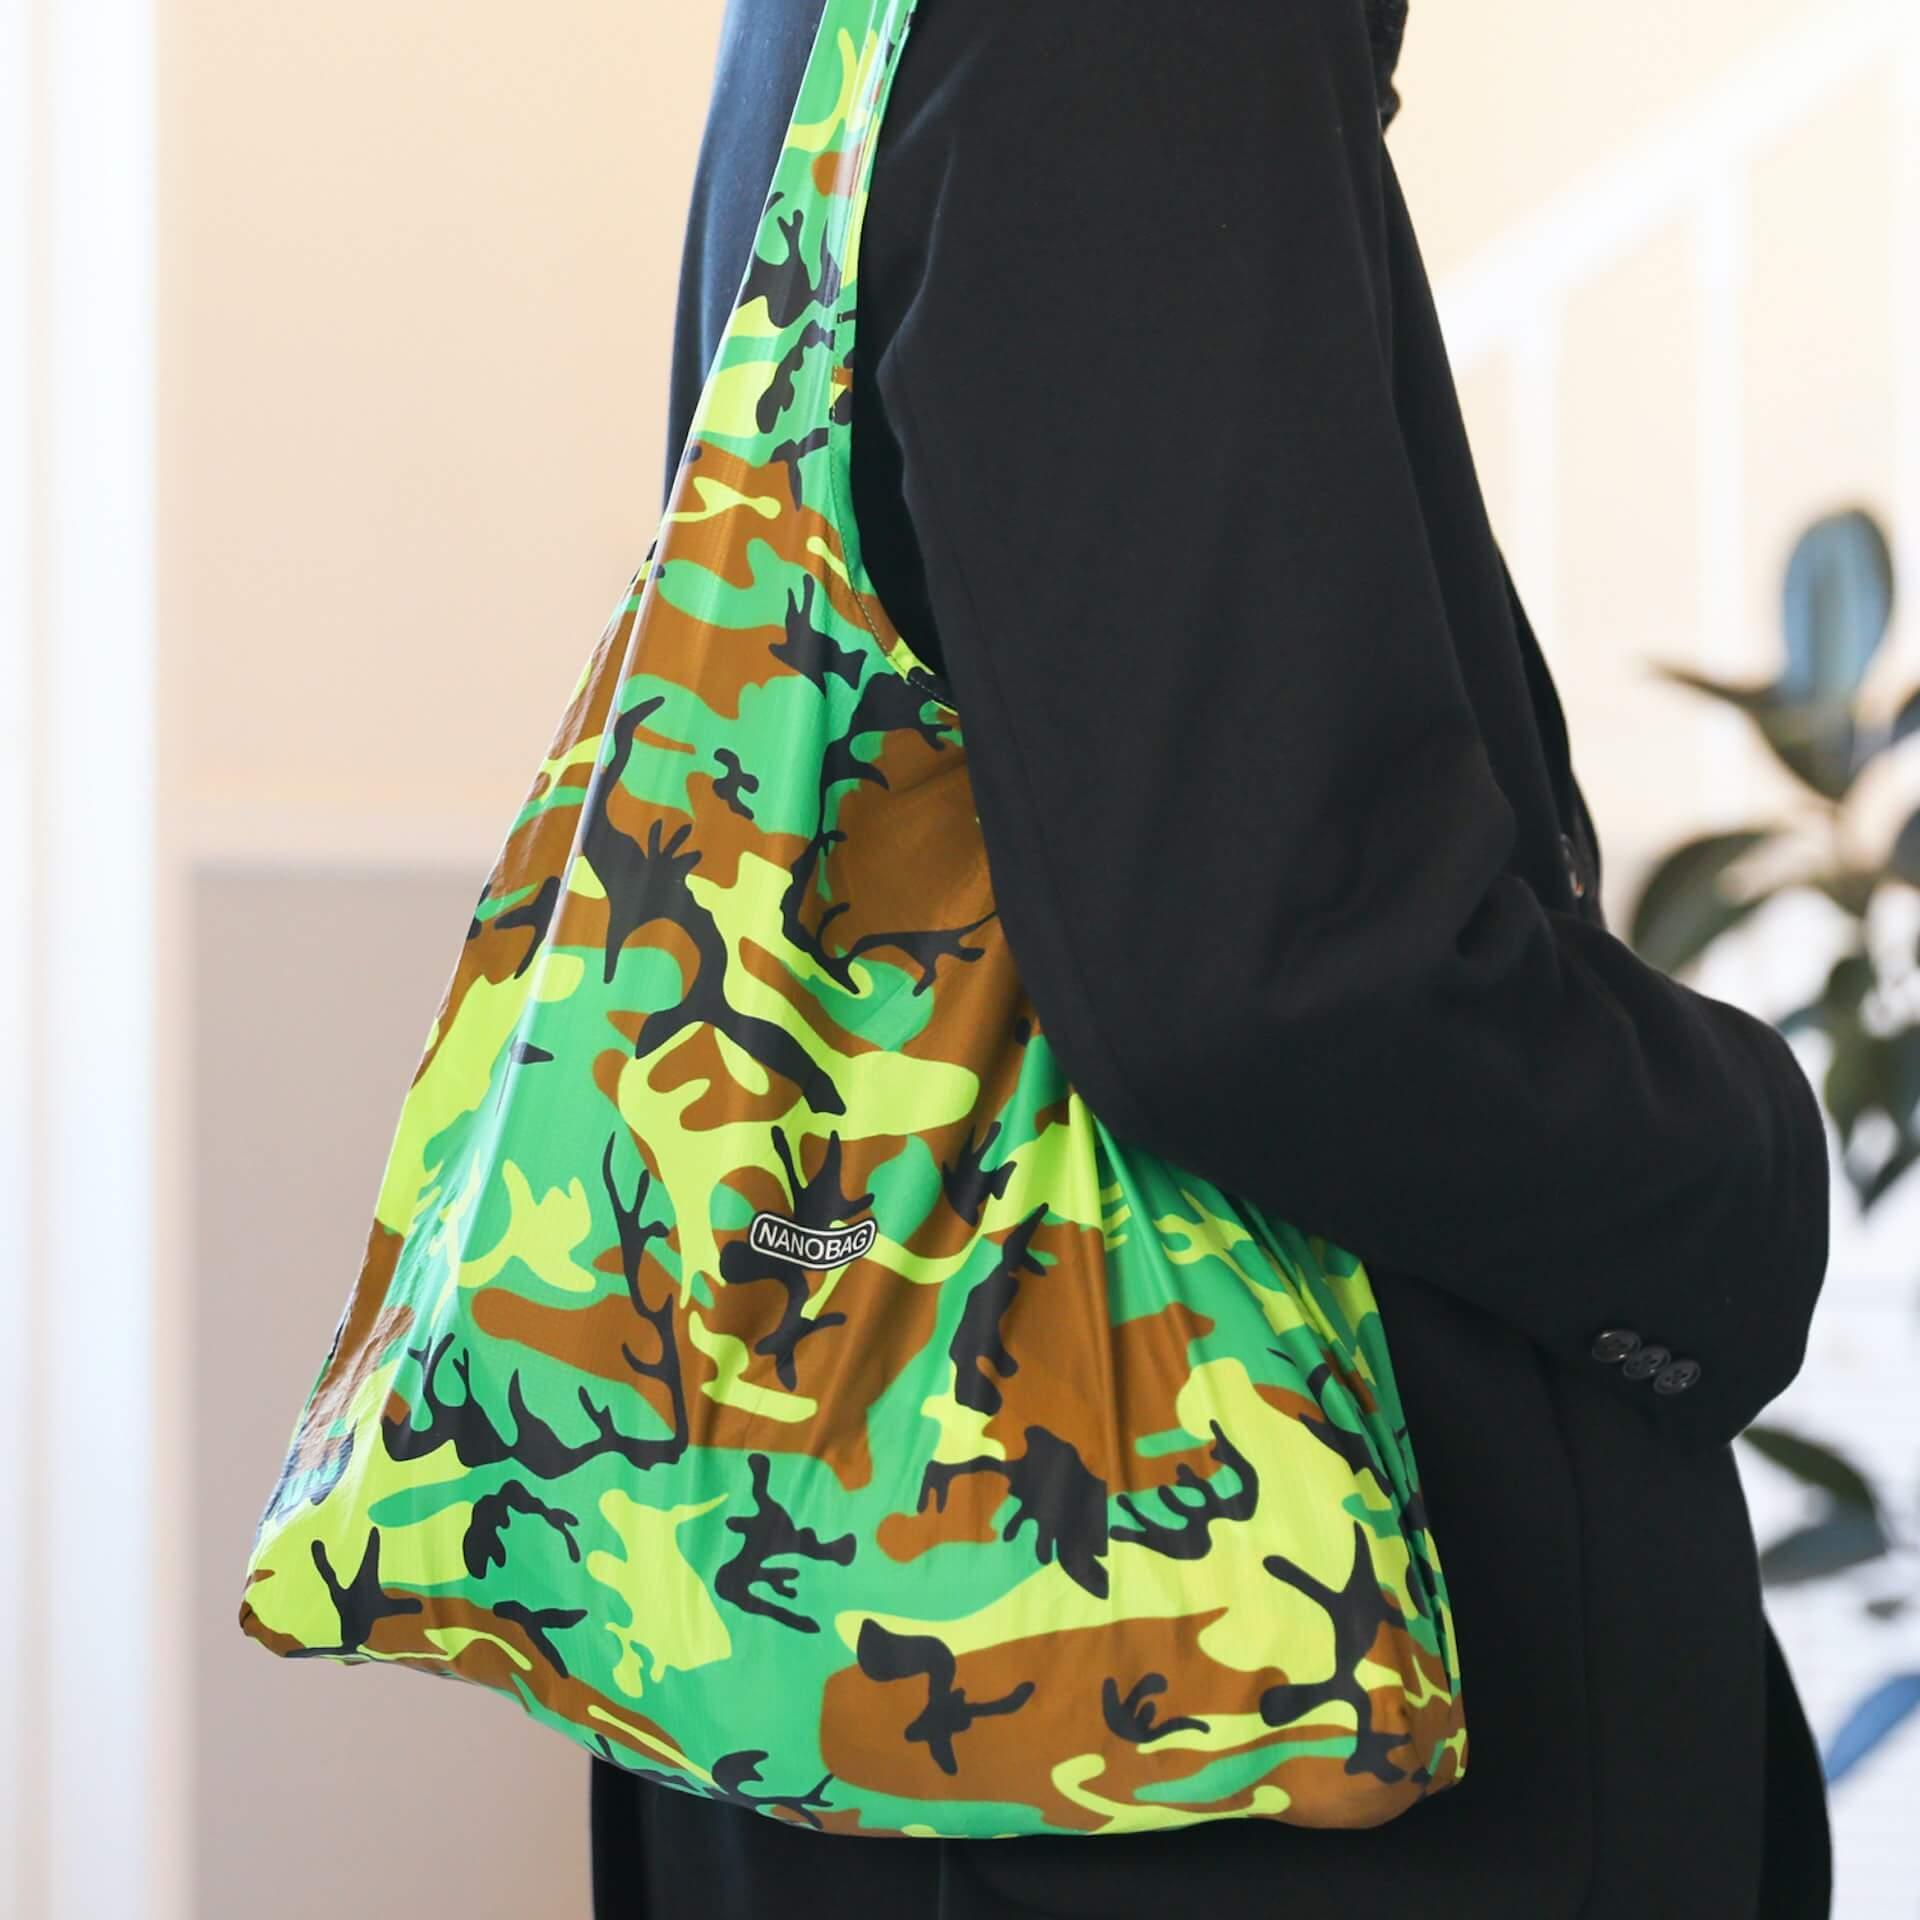 手のひらサイズのエコバッグ『NANOBAG』でお買い物しよう!全国販売を記念したTwitterプレゼントキャンペーンが実施 ac200714_nanobag_11